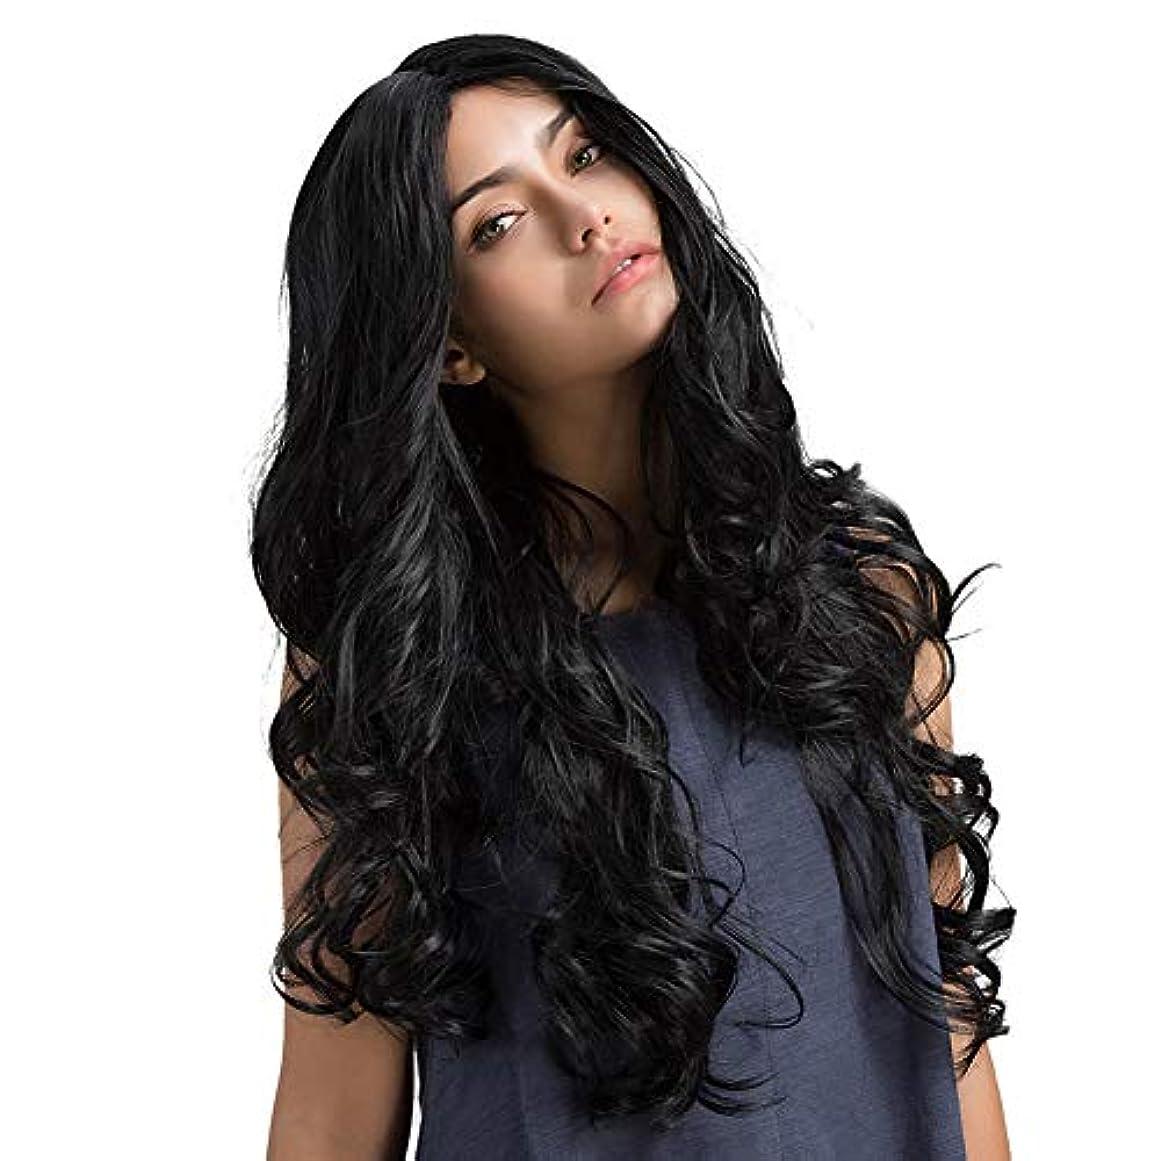 免疫する荒廃する致命的なslQinjiansav女性ウィッグレースキャップ女性ブラックロングカーリー波状髪ウィッグレースキャップシミュレート頭皮弾性ヘアピース